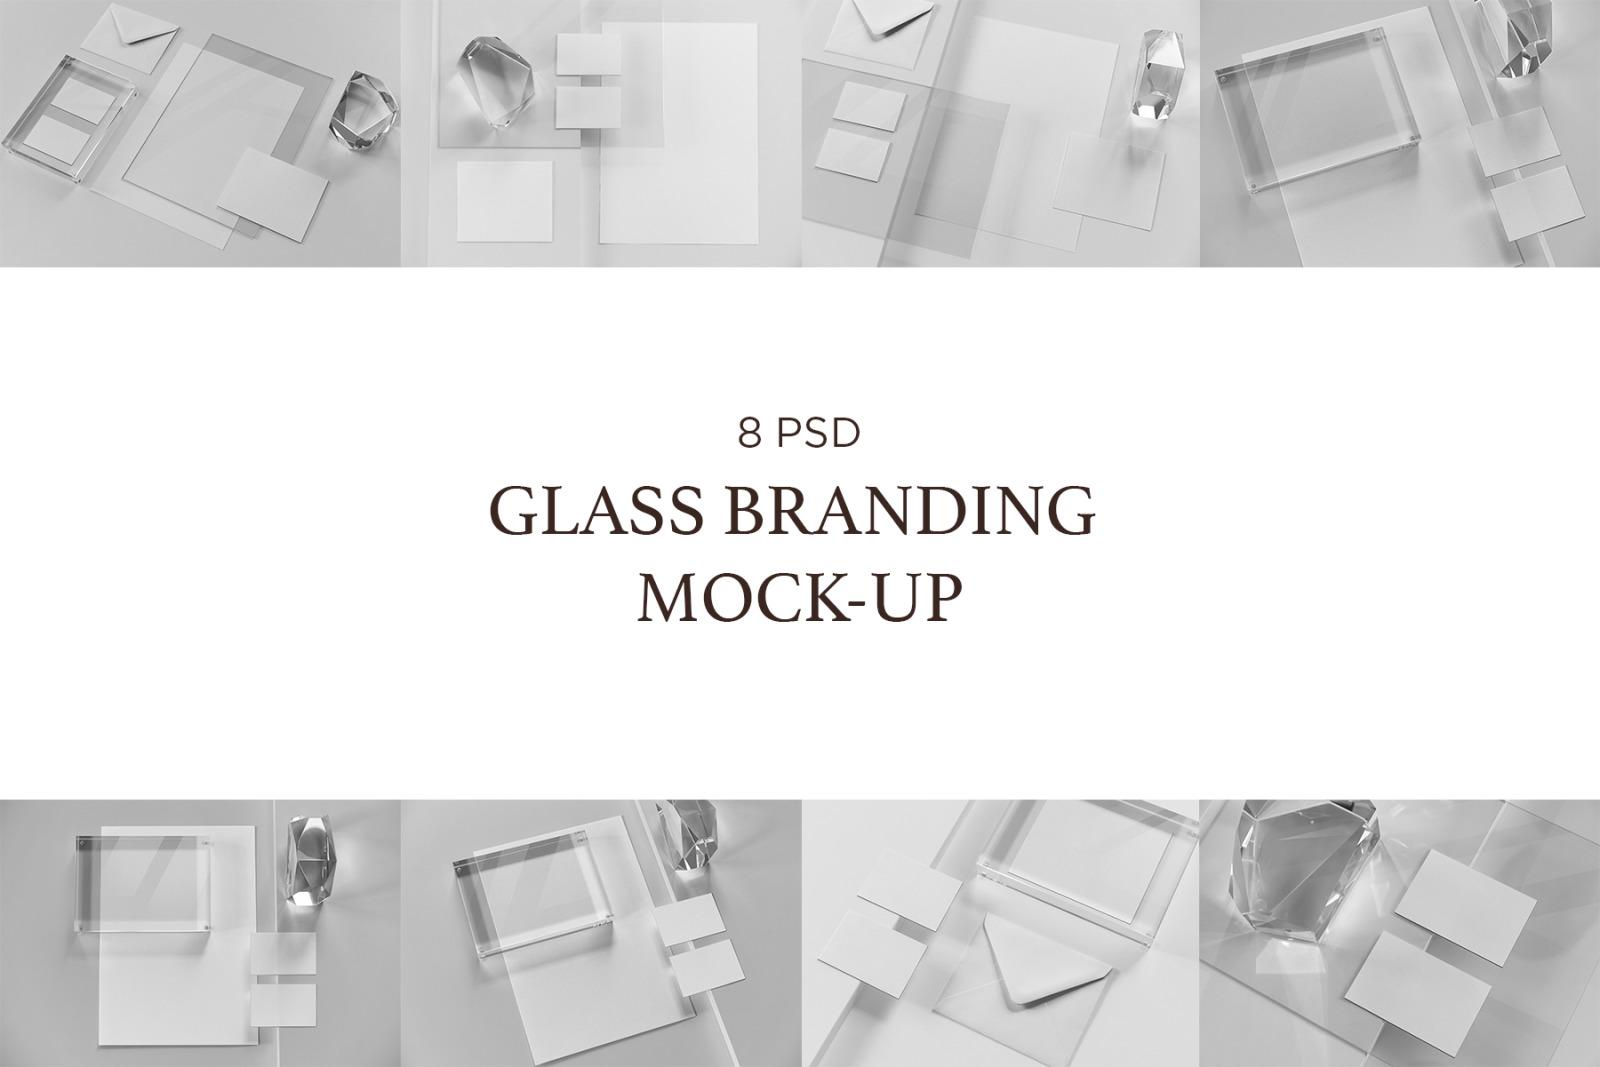 Glass Branding Mock-Up